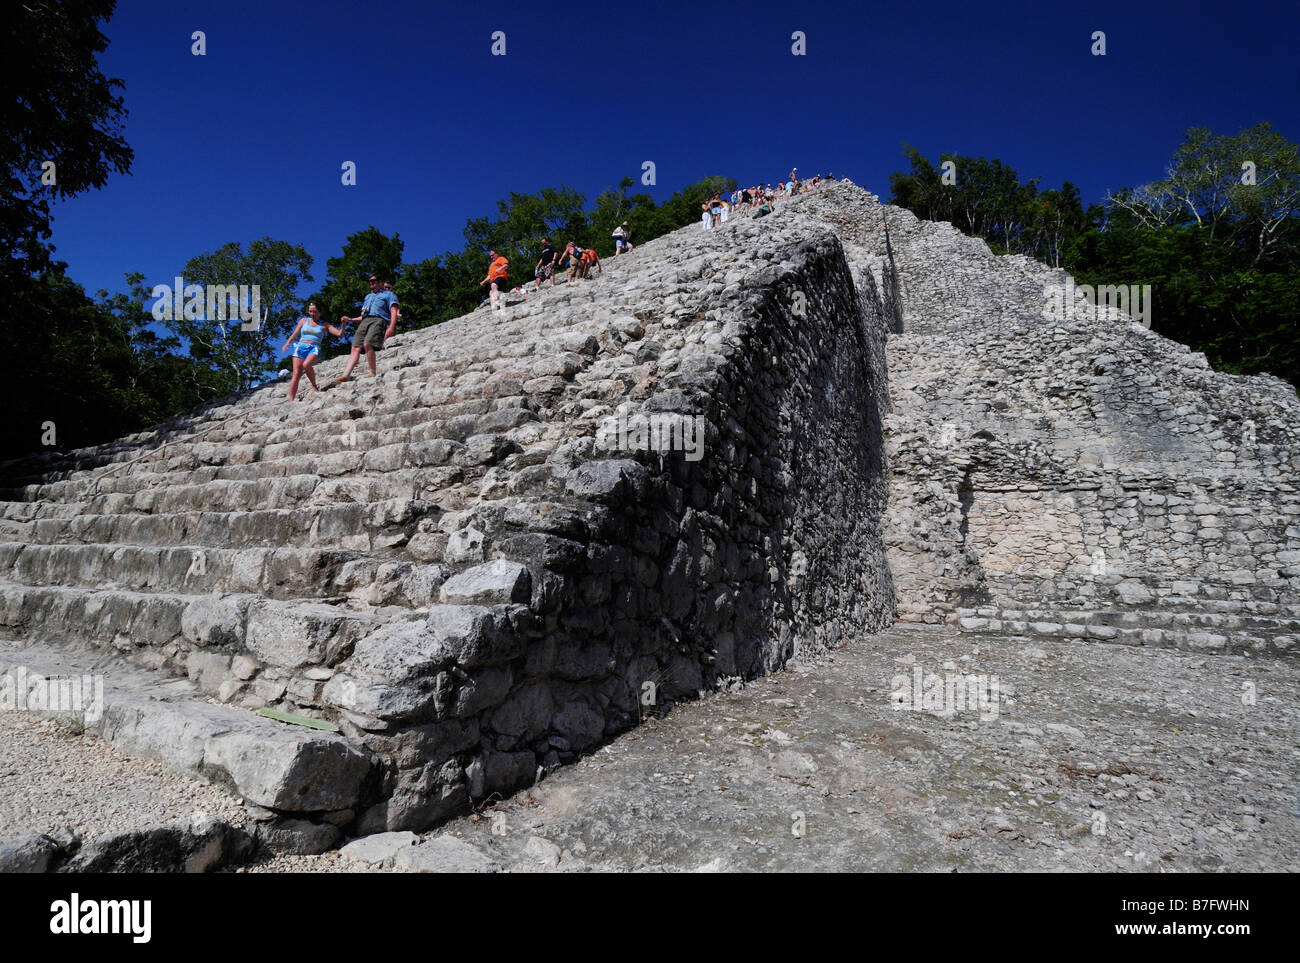 Giant pyramid of Nohoch Mul, Coba Maya ruins, Yucatan, Mexico - Stock Image